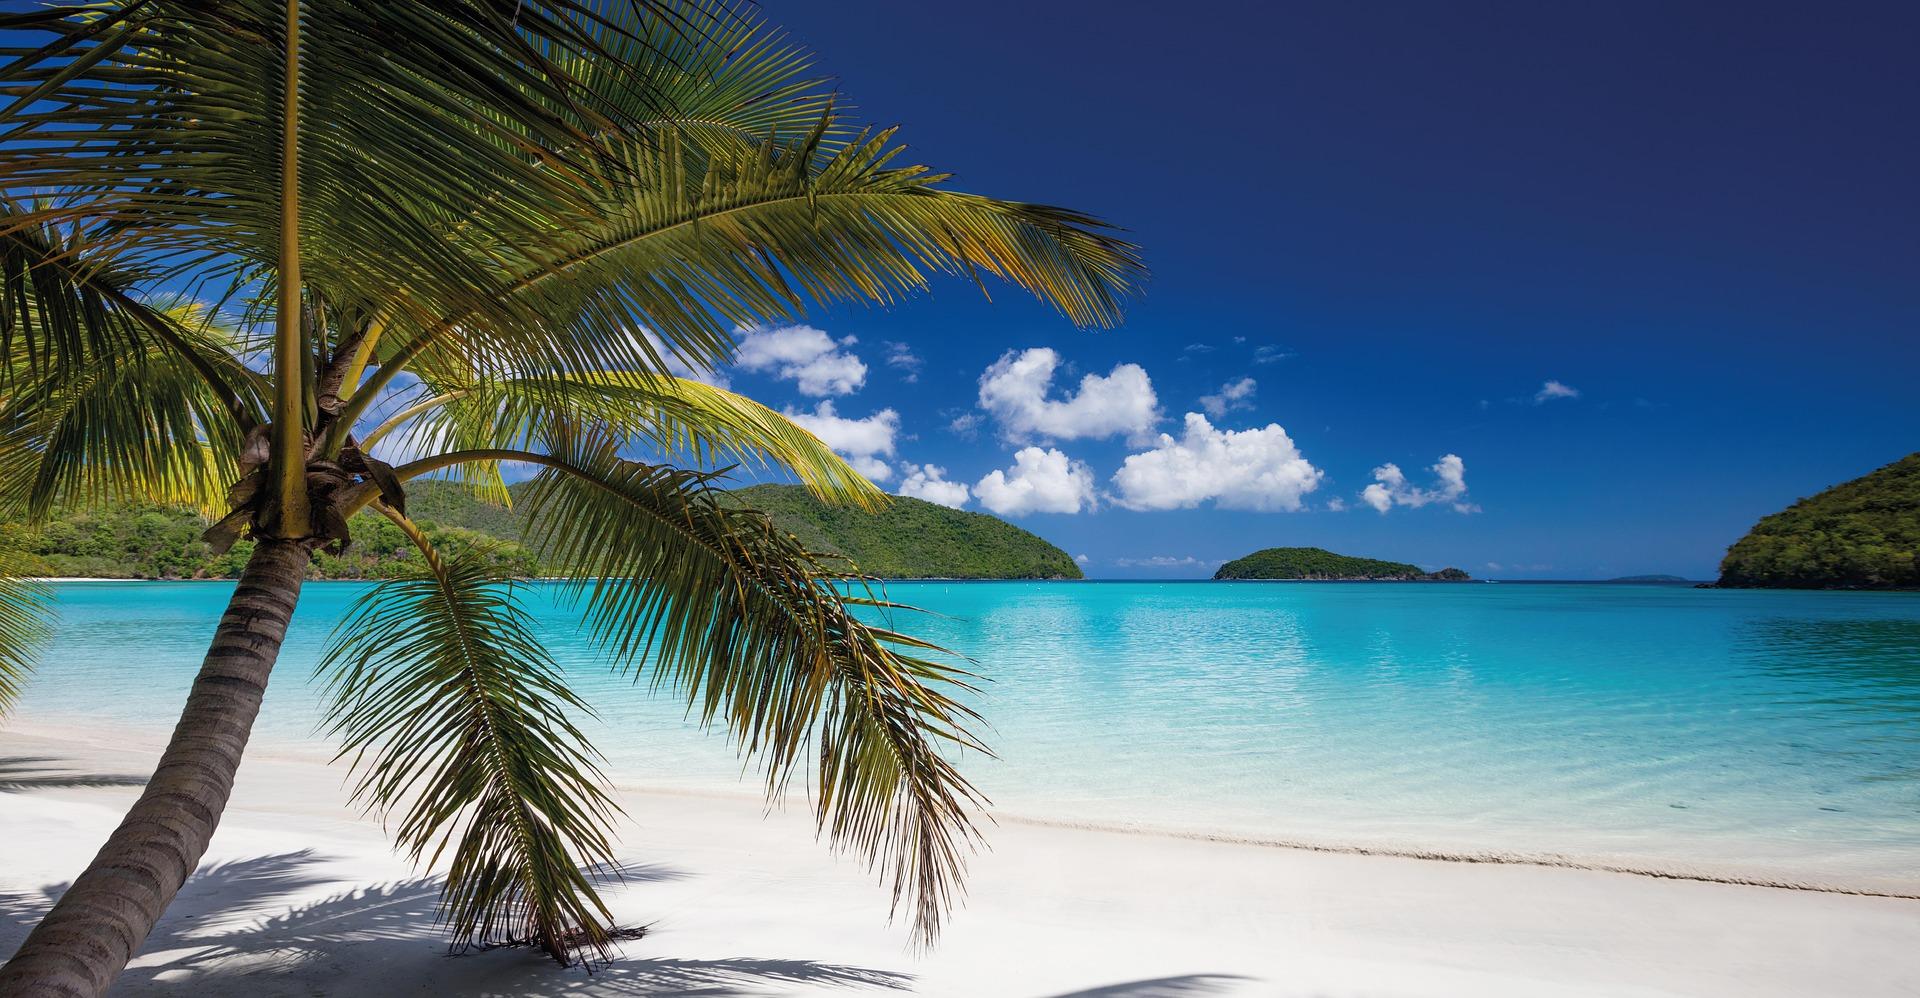 The 10 Best Beaches Around the World